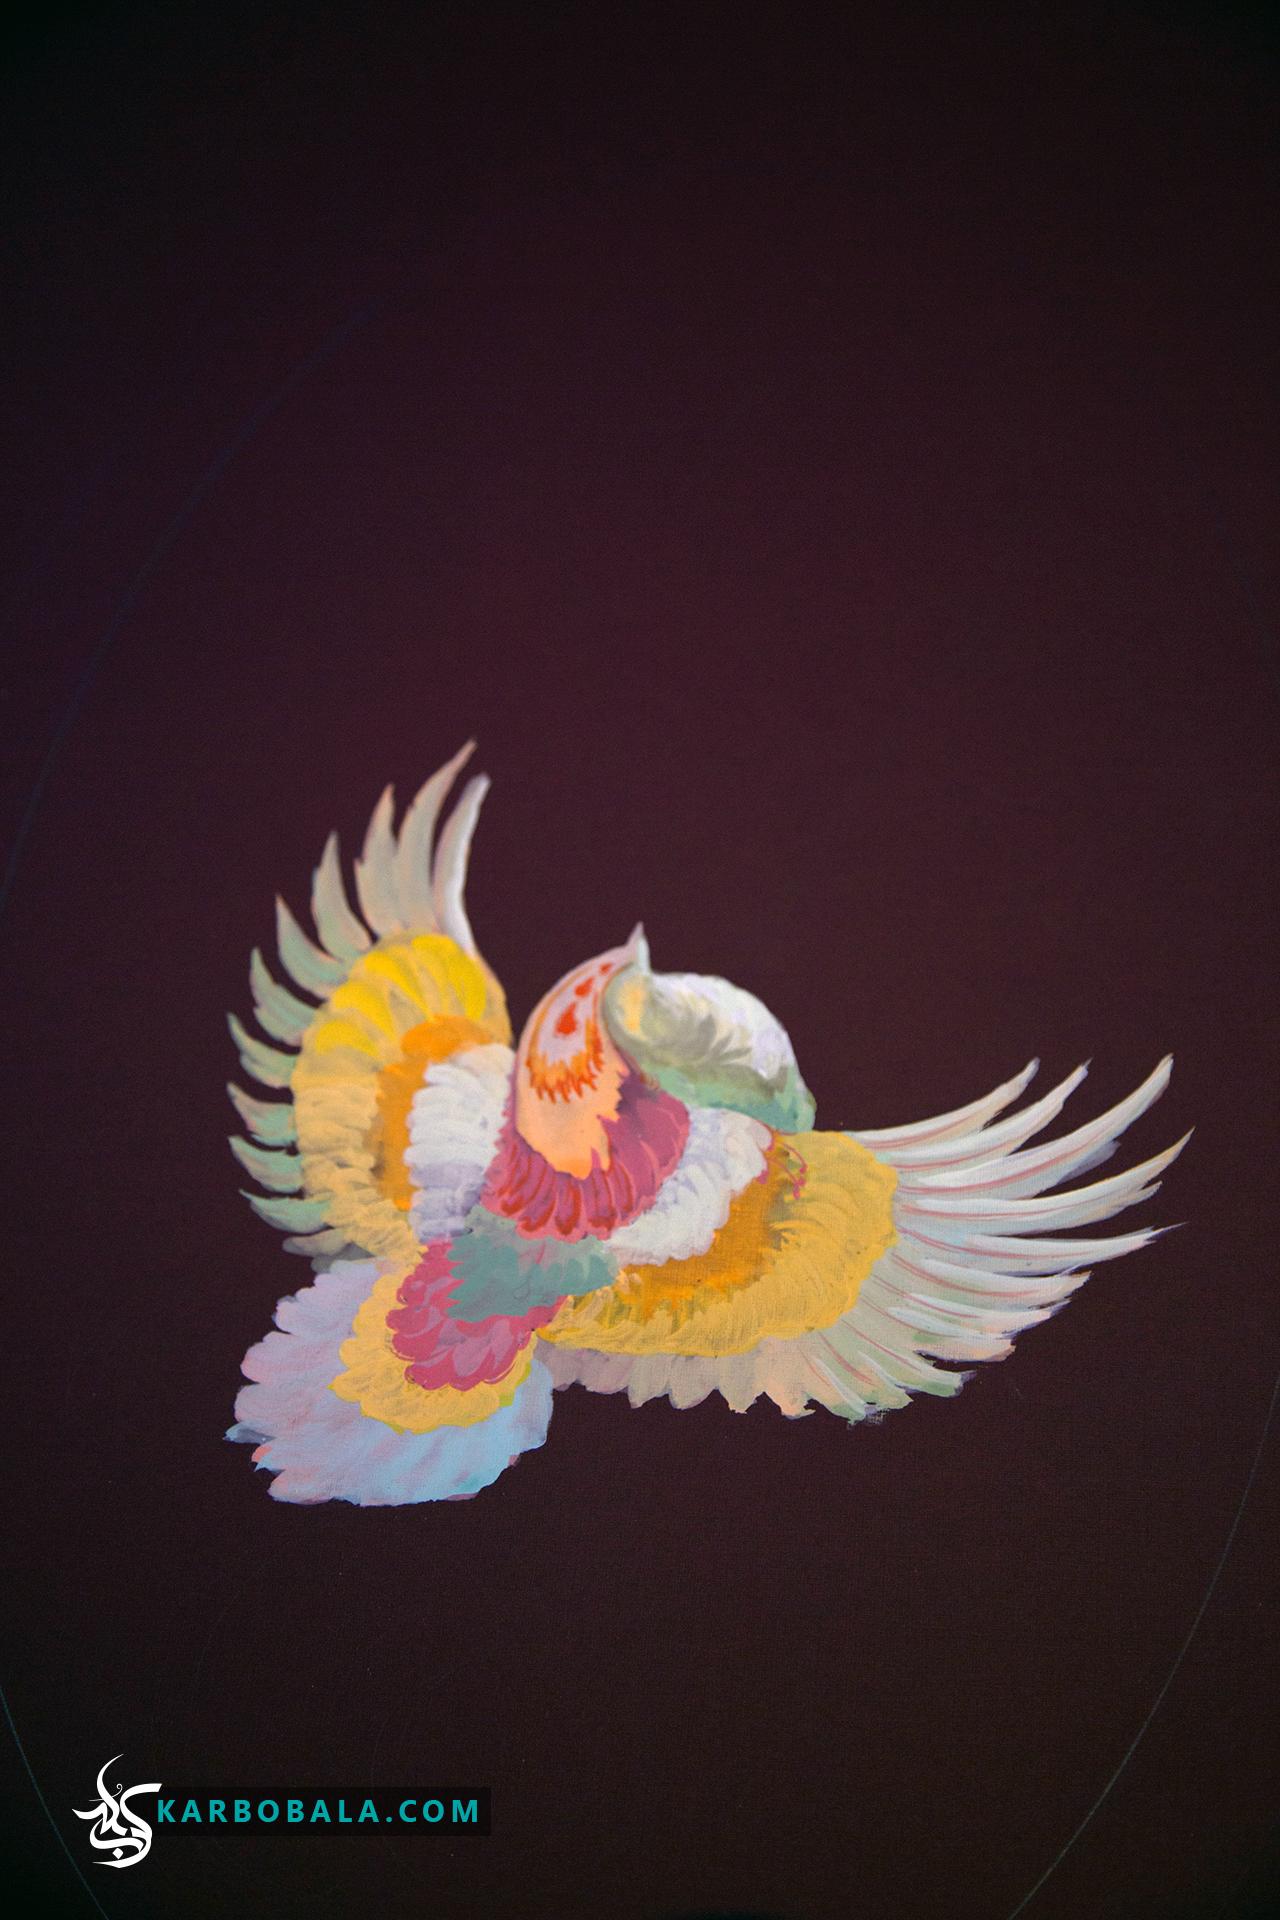 گزارش تصویری از کارگاه «گل و مرغ»